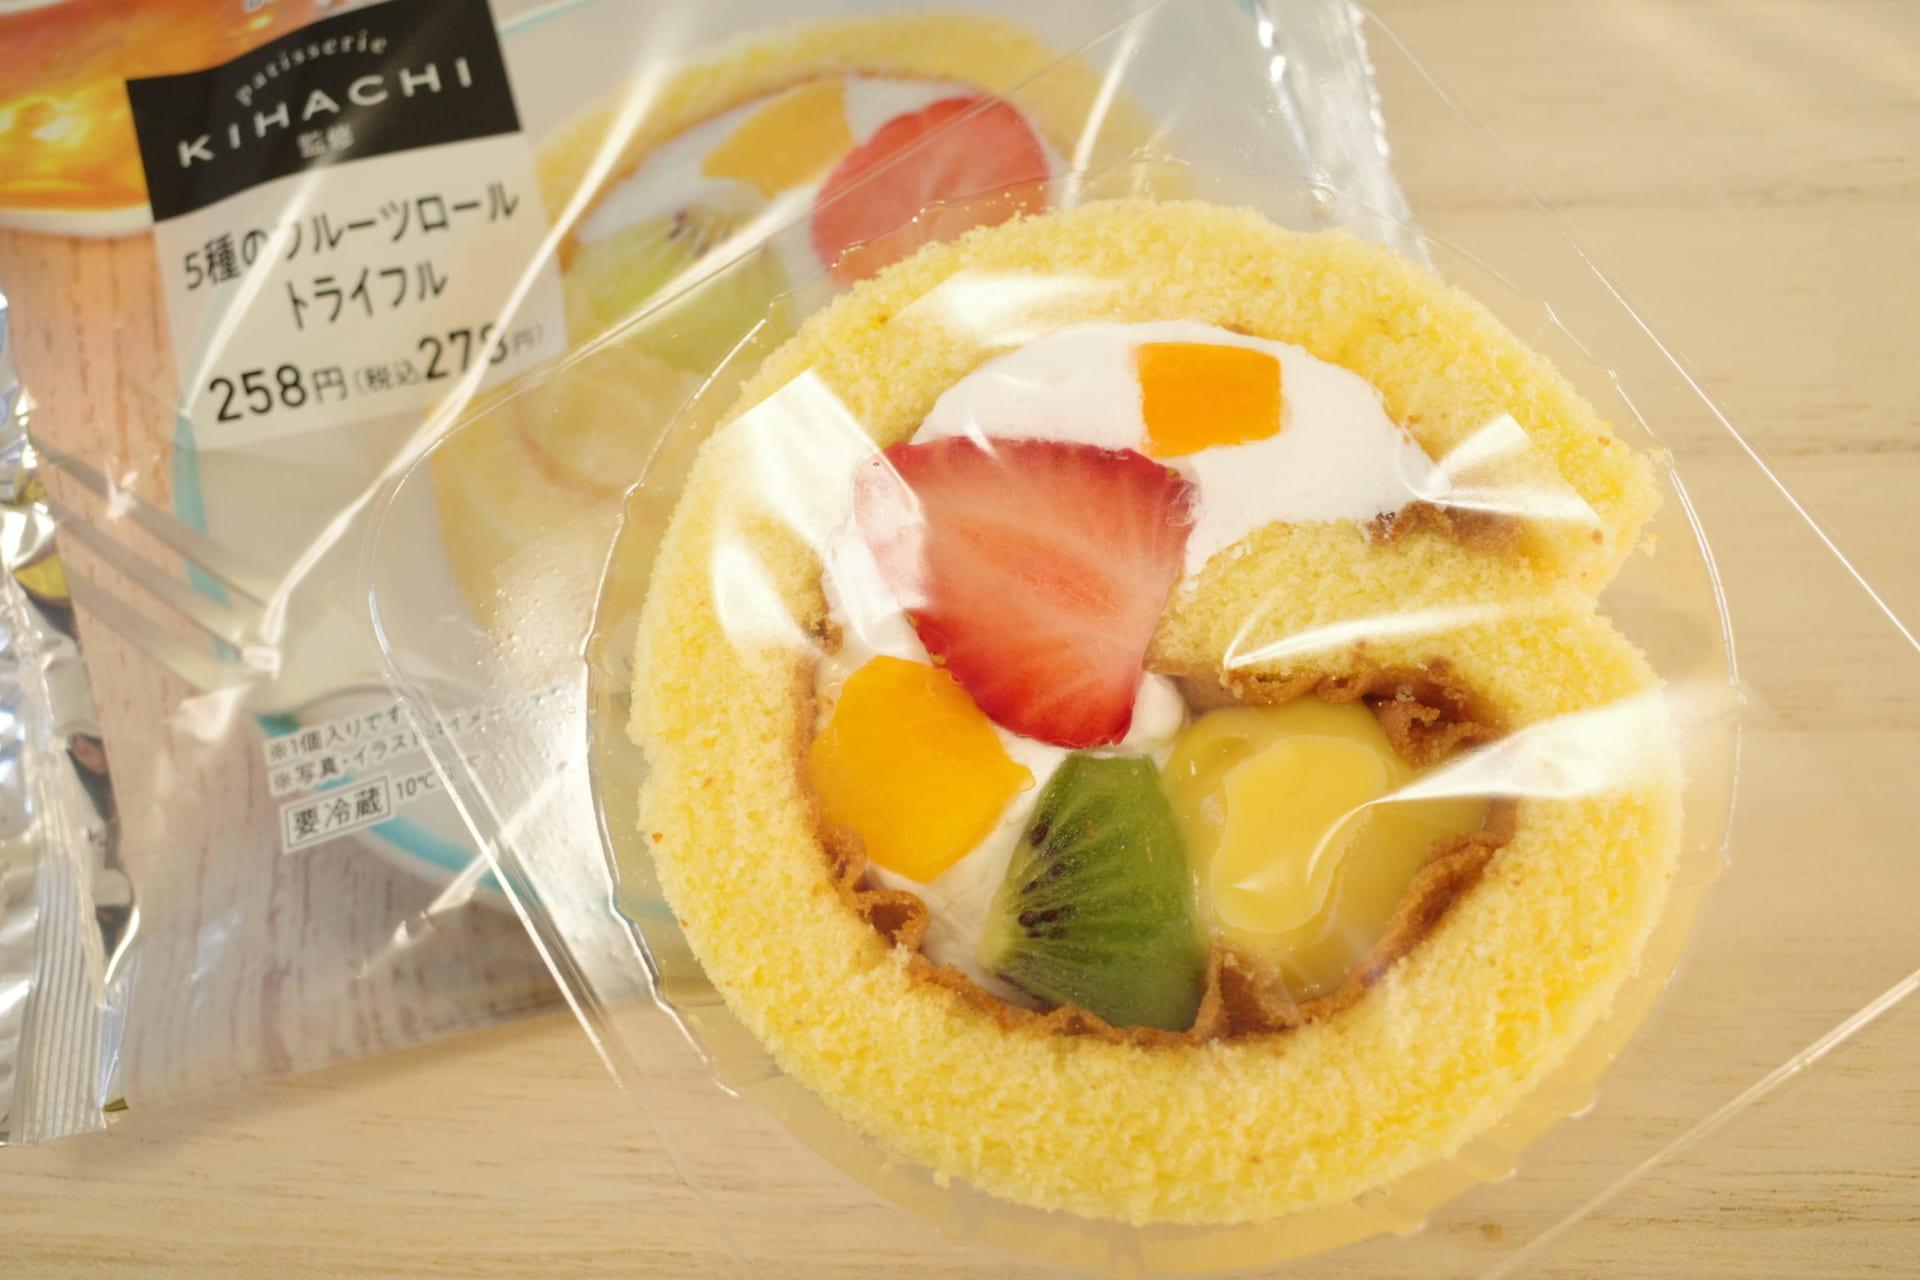 【ファミリーマート】キハチ監修!「5種のフルーツロール トライフル」実食ルポ